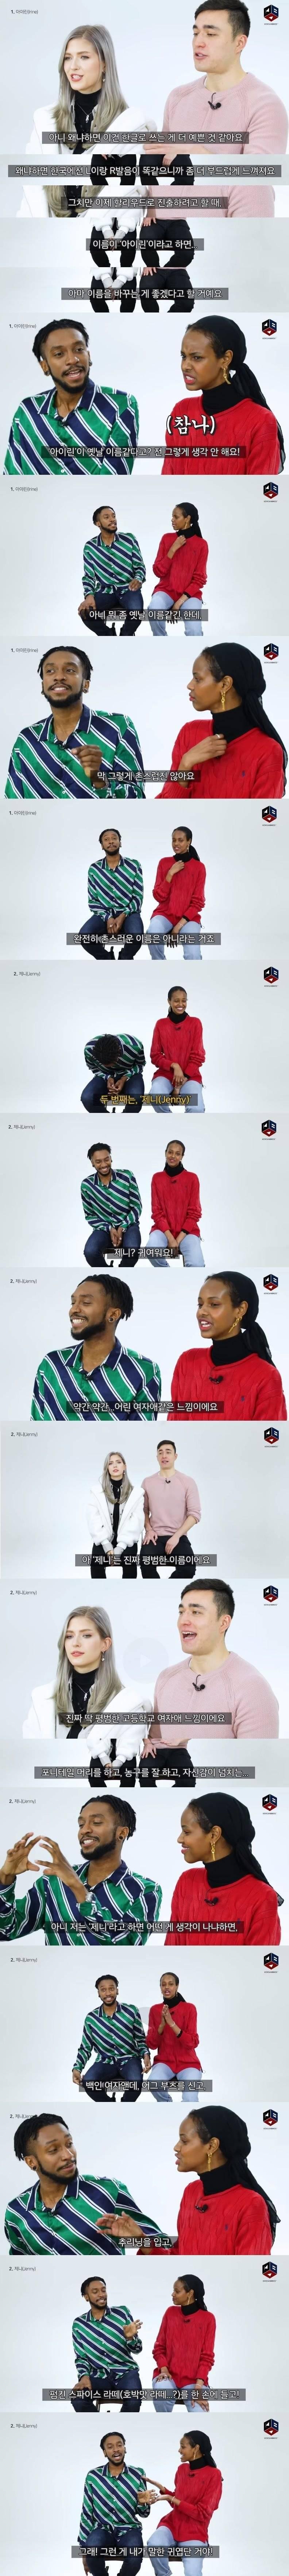 한국 여자아이돌들의 영어 이름을 들은 외국인들의 반응 | 인스티즈